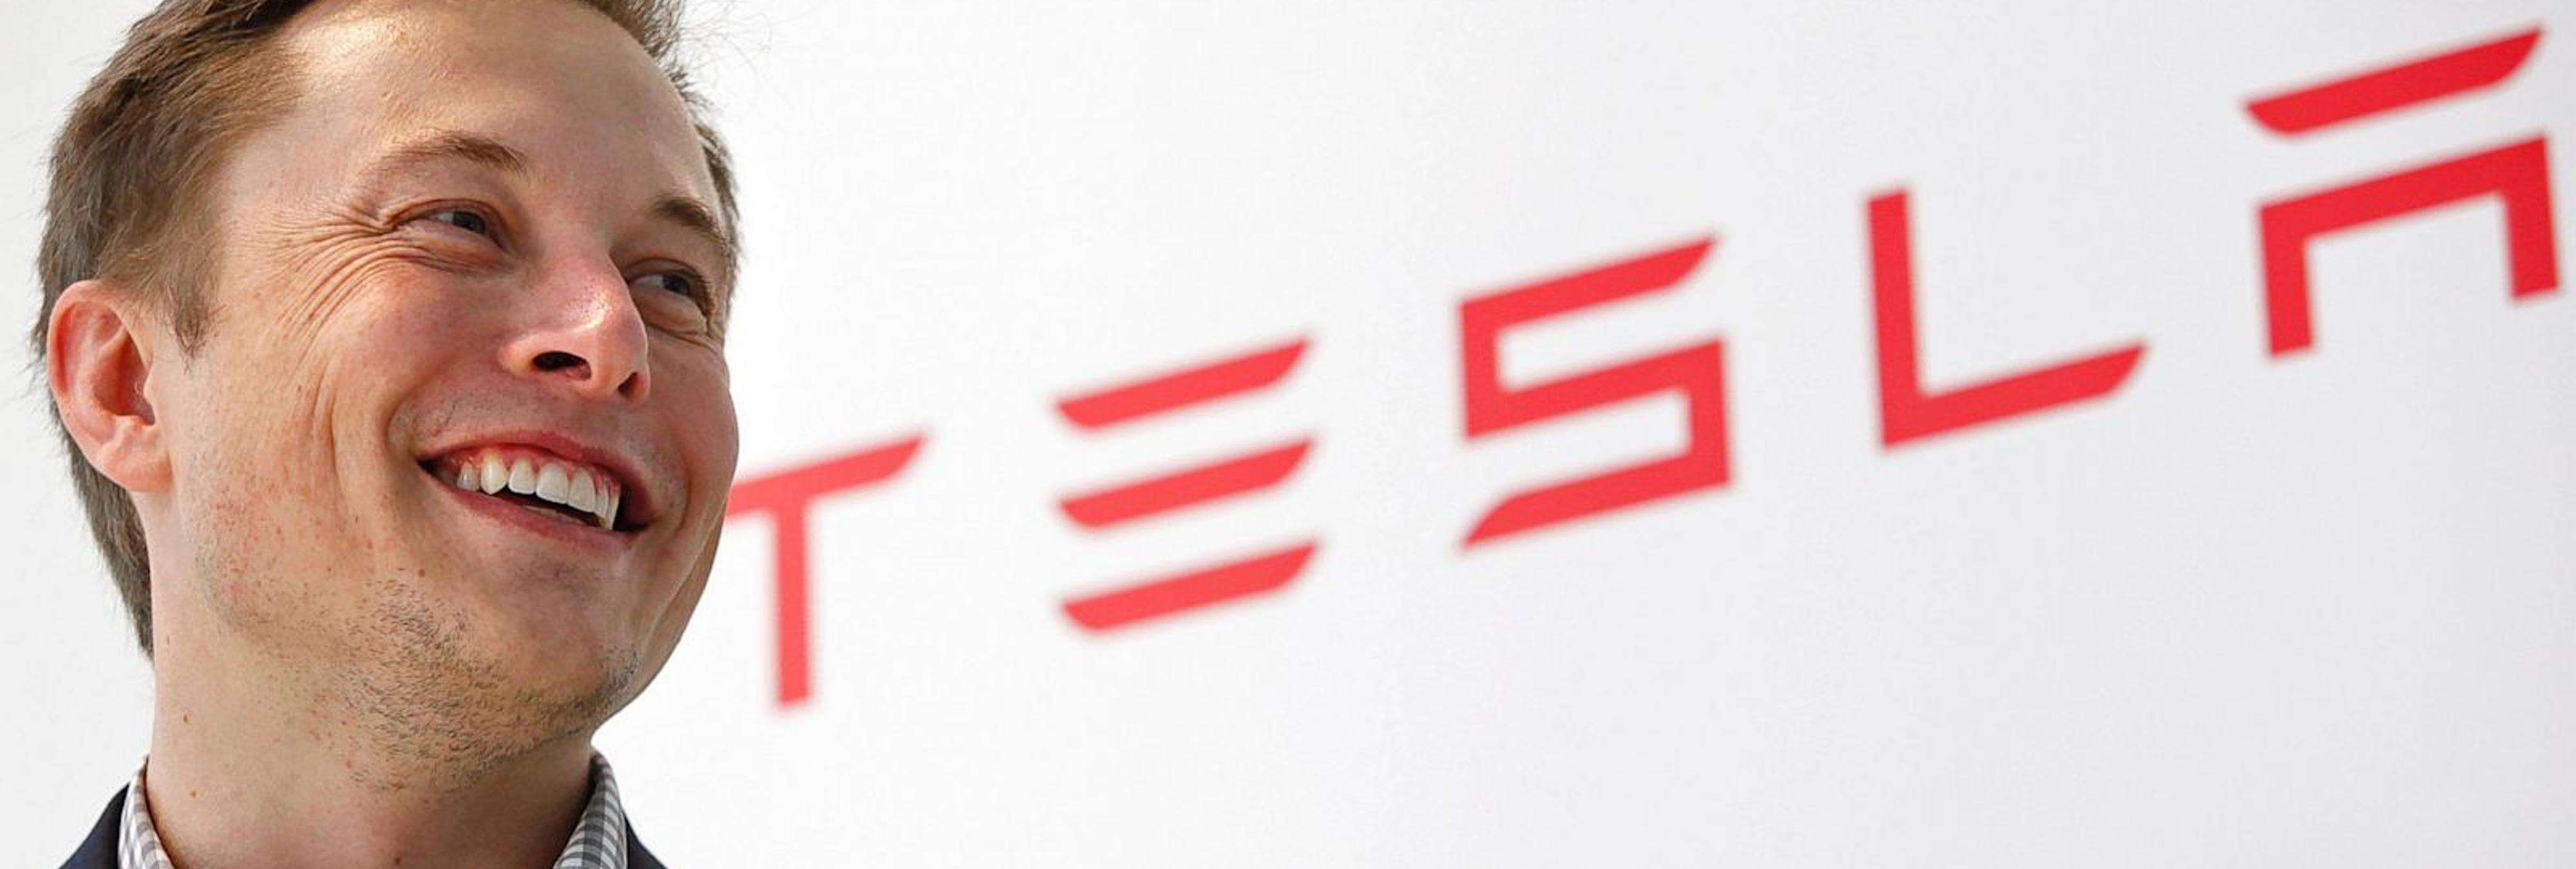 5 momentos en los que Elon Musk, líder de la empresa de coches eléctricos Tesla, se adelantó al mundo